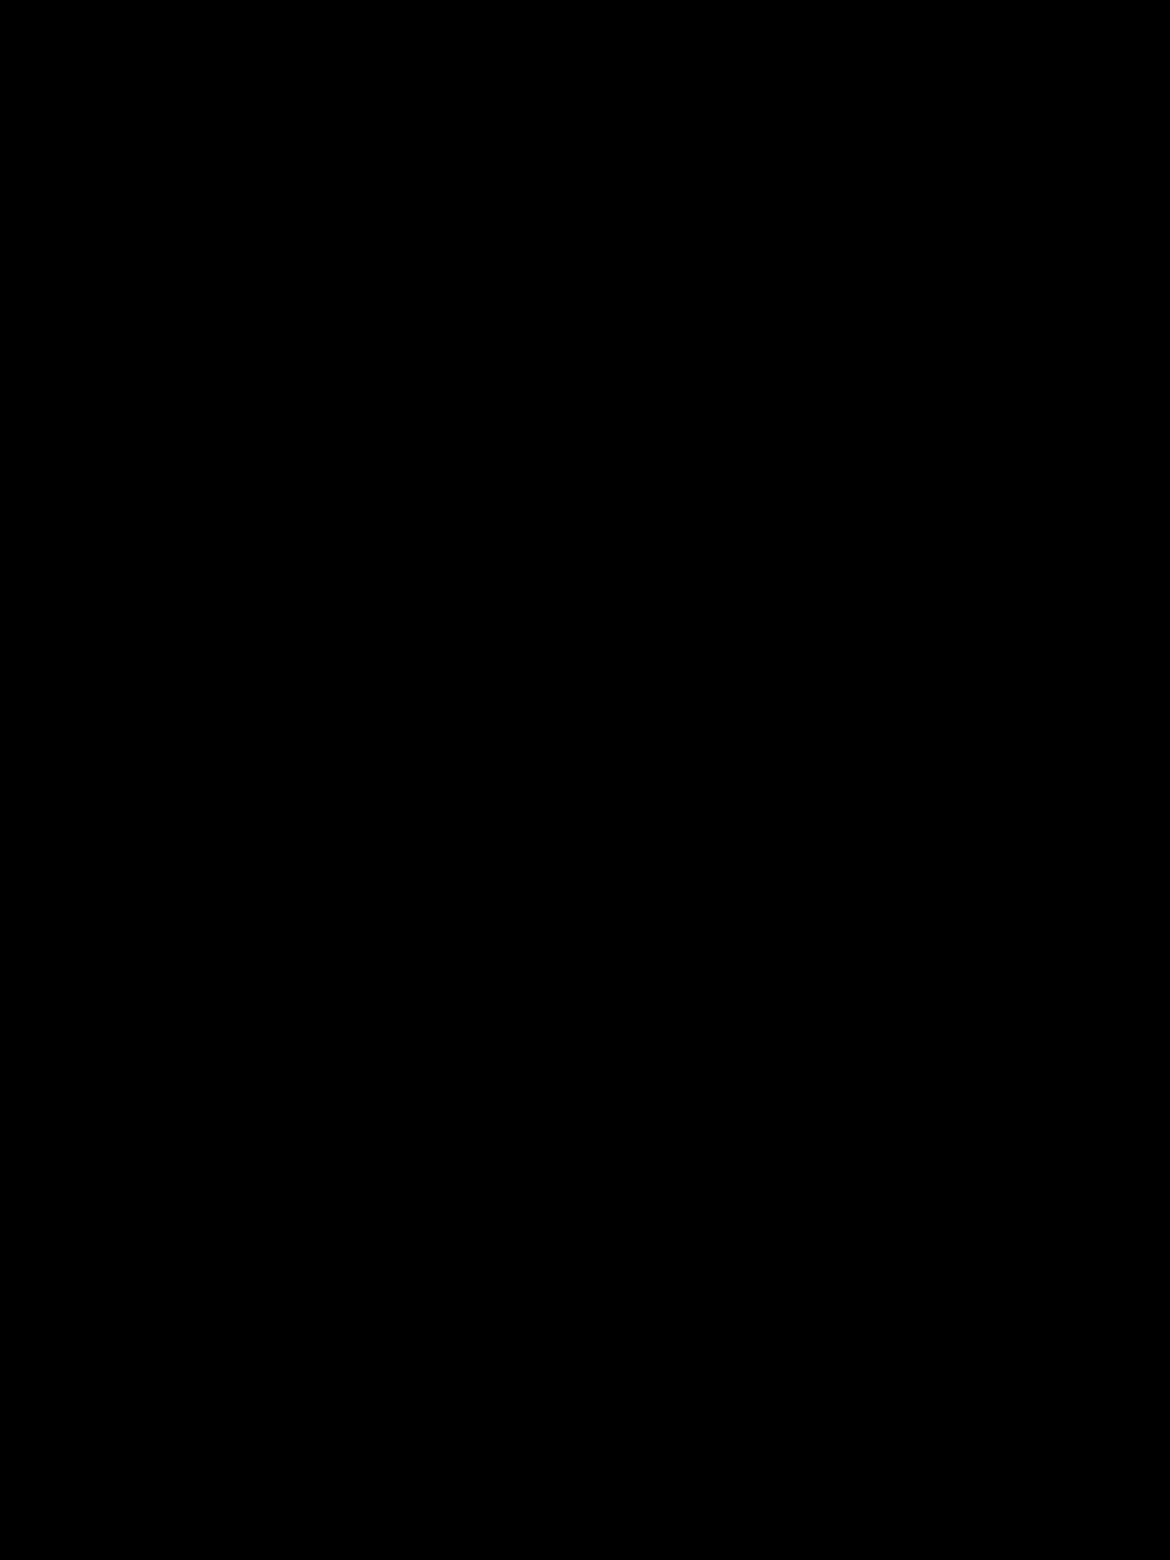 Laura Comolli al Palazzo di Cristallo - Cosa vedere a Madrid in 2 giorni!